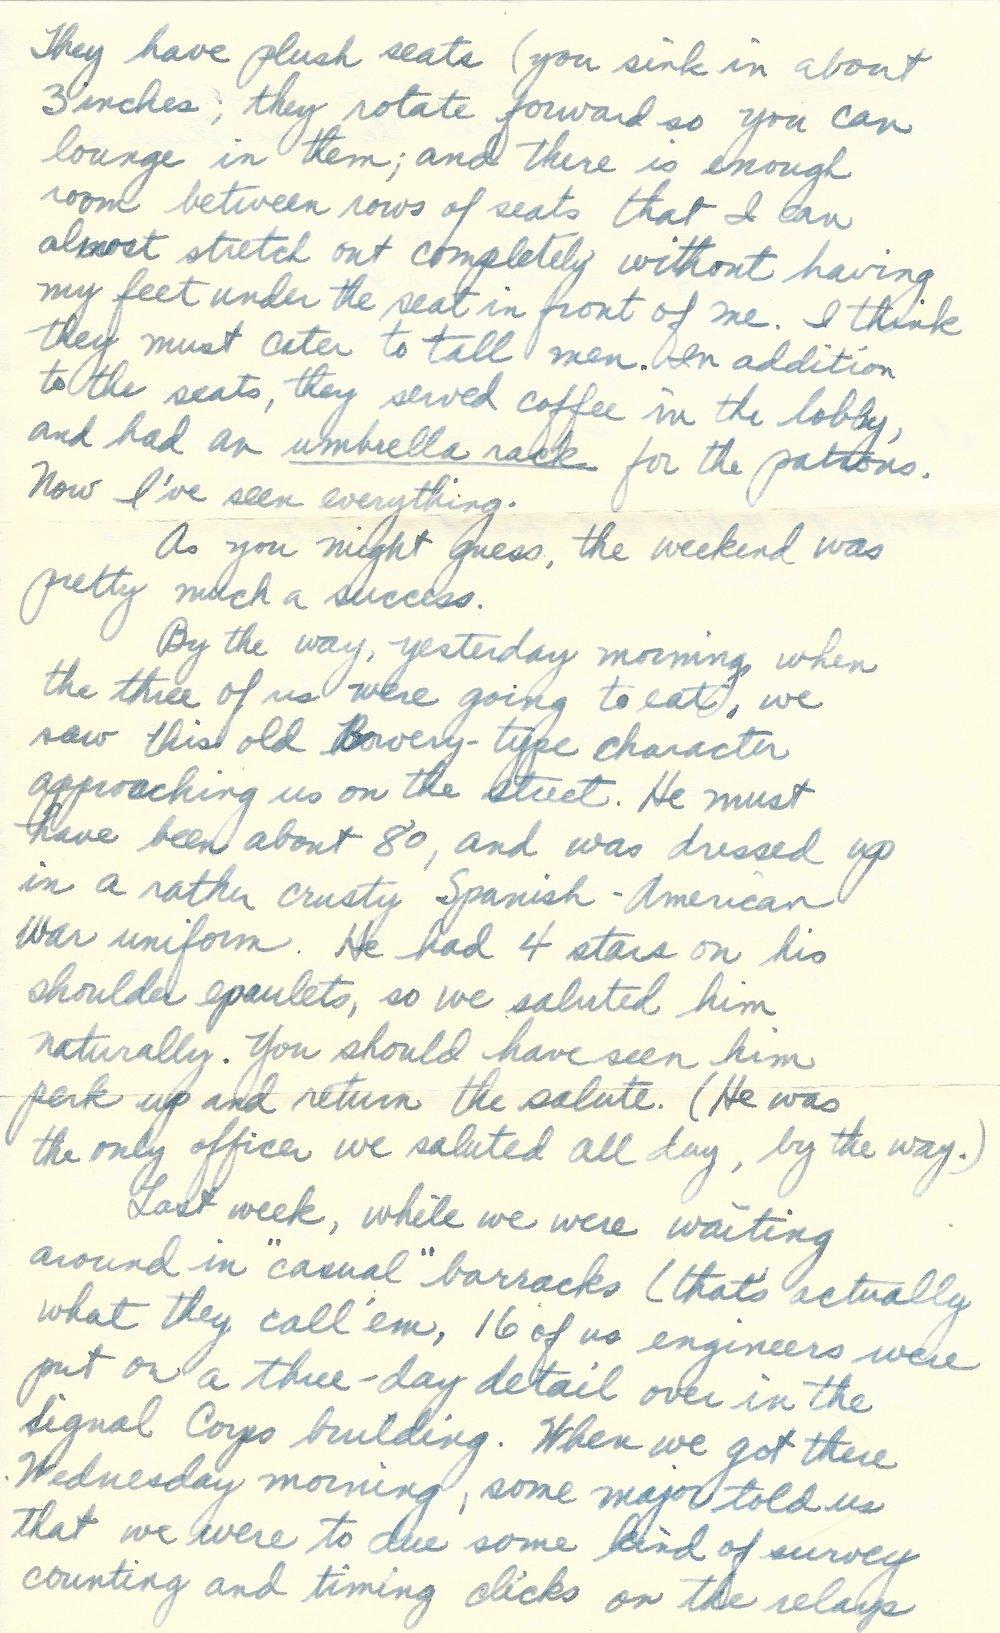 6. Jan. 12, 1953 (Opa)_Page_5.jpg